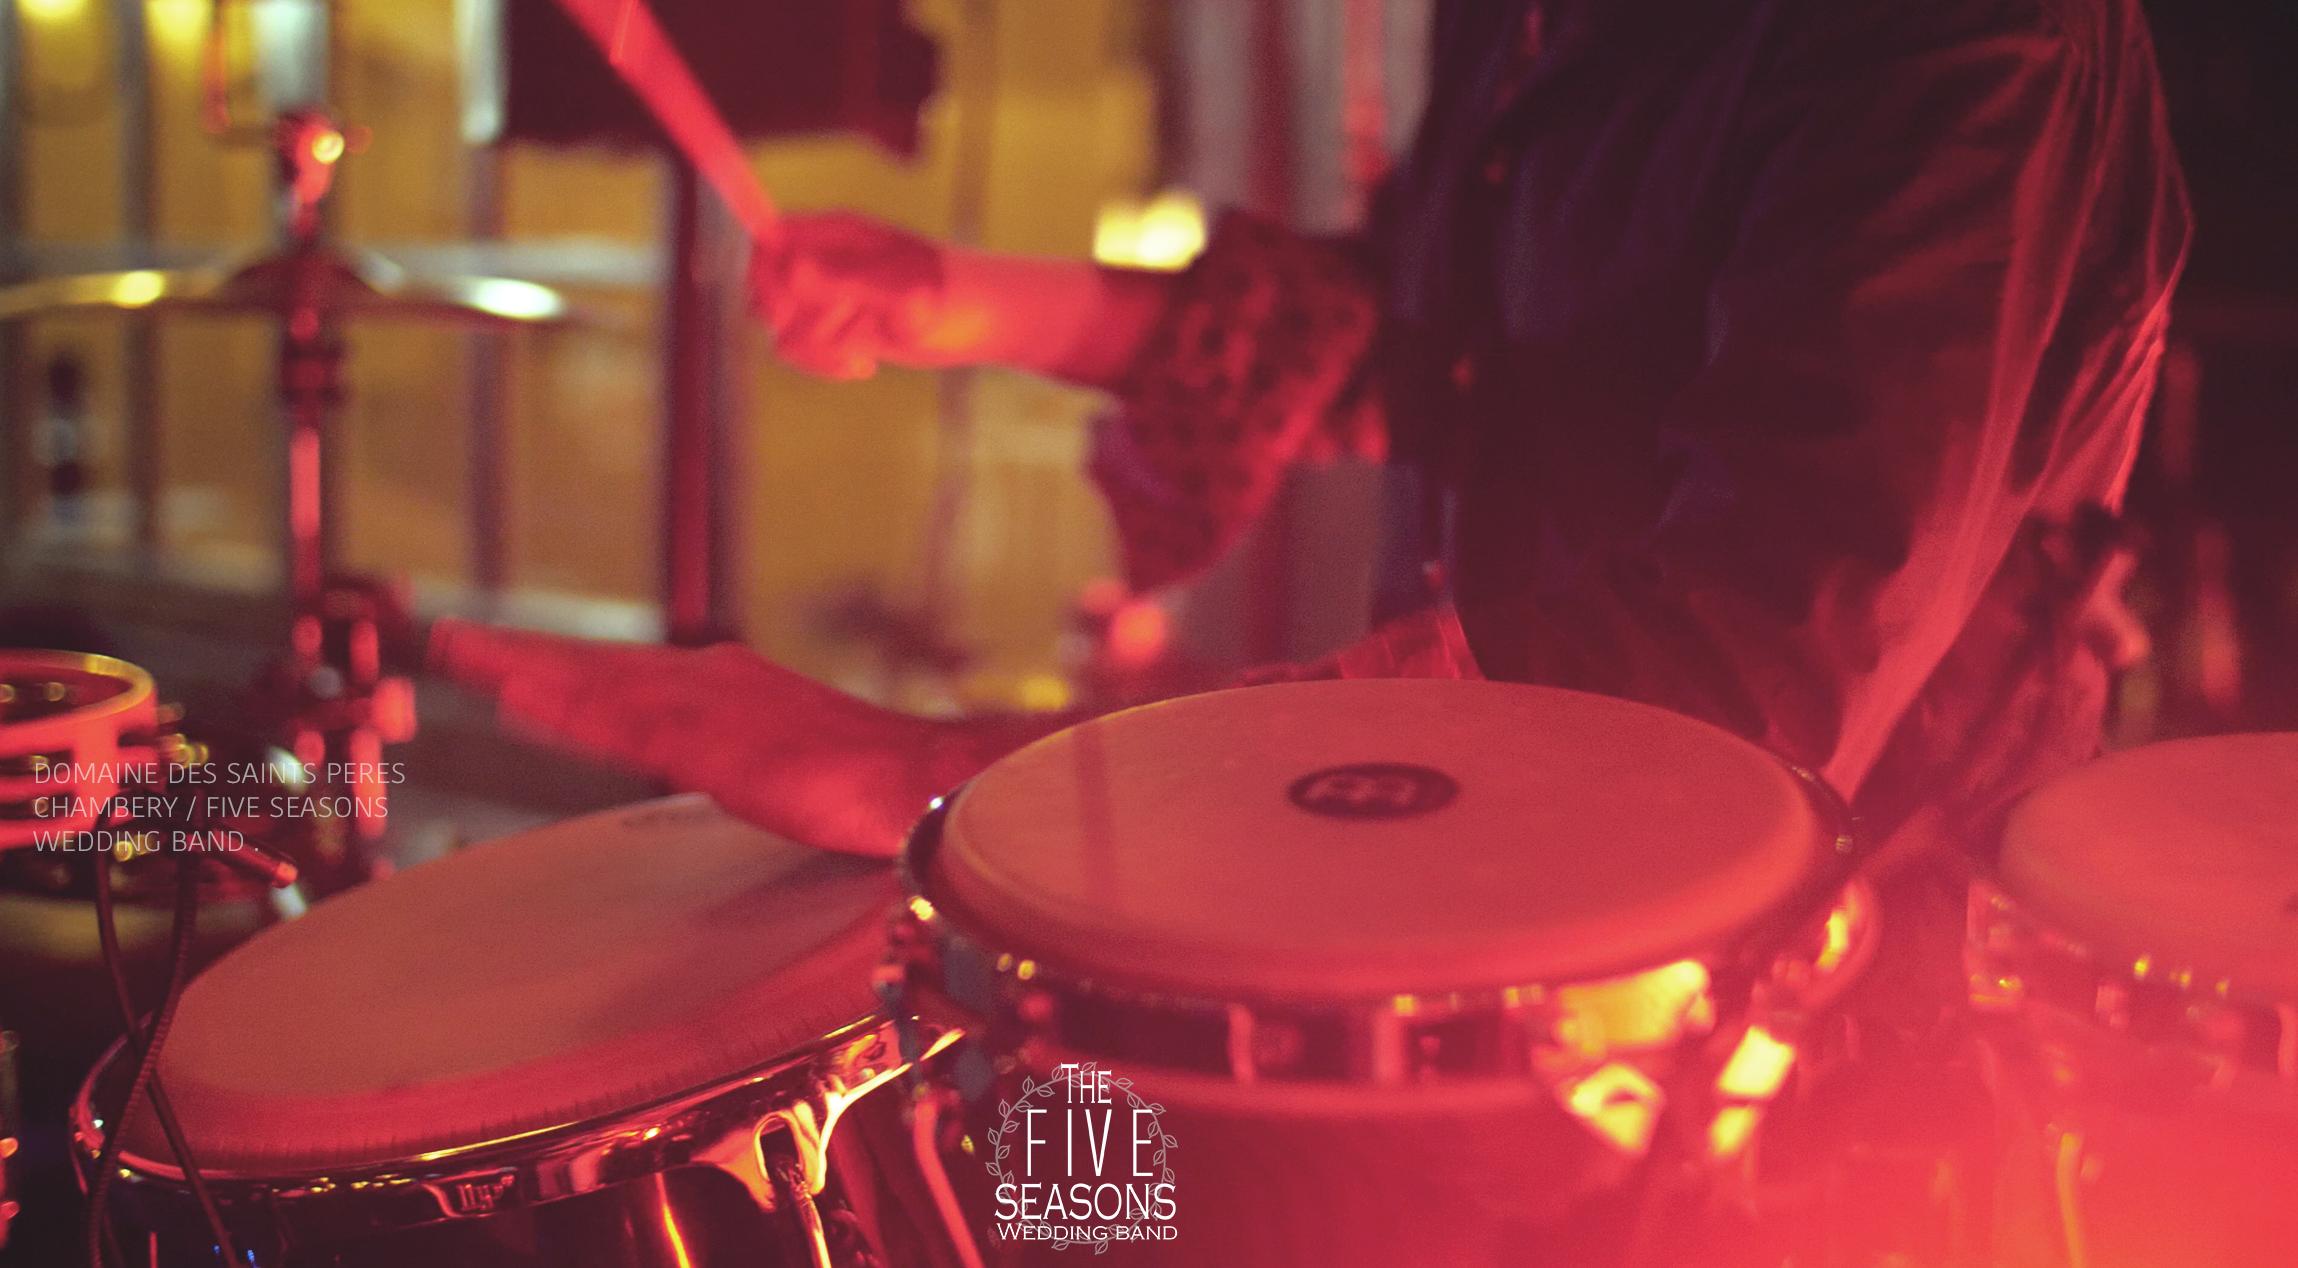 Domaine des saints pères - Five seasons orchestre live band lyon - Percussionniste